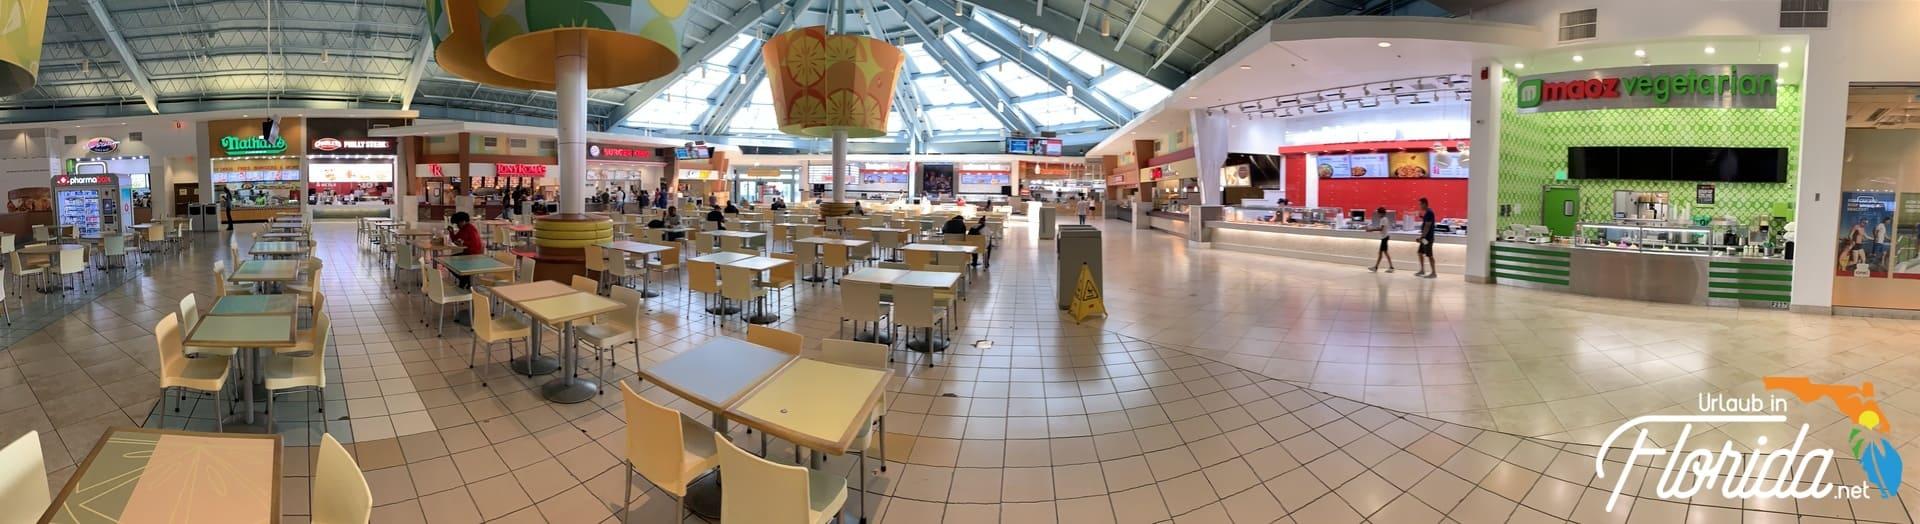 Food Court der Sawgrass Mills mit Restaurants und Sitzmöglichkeiten